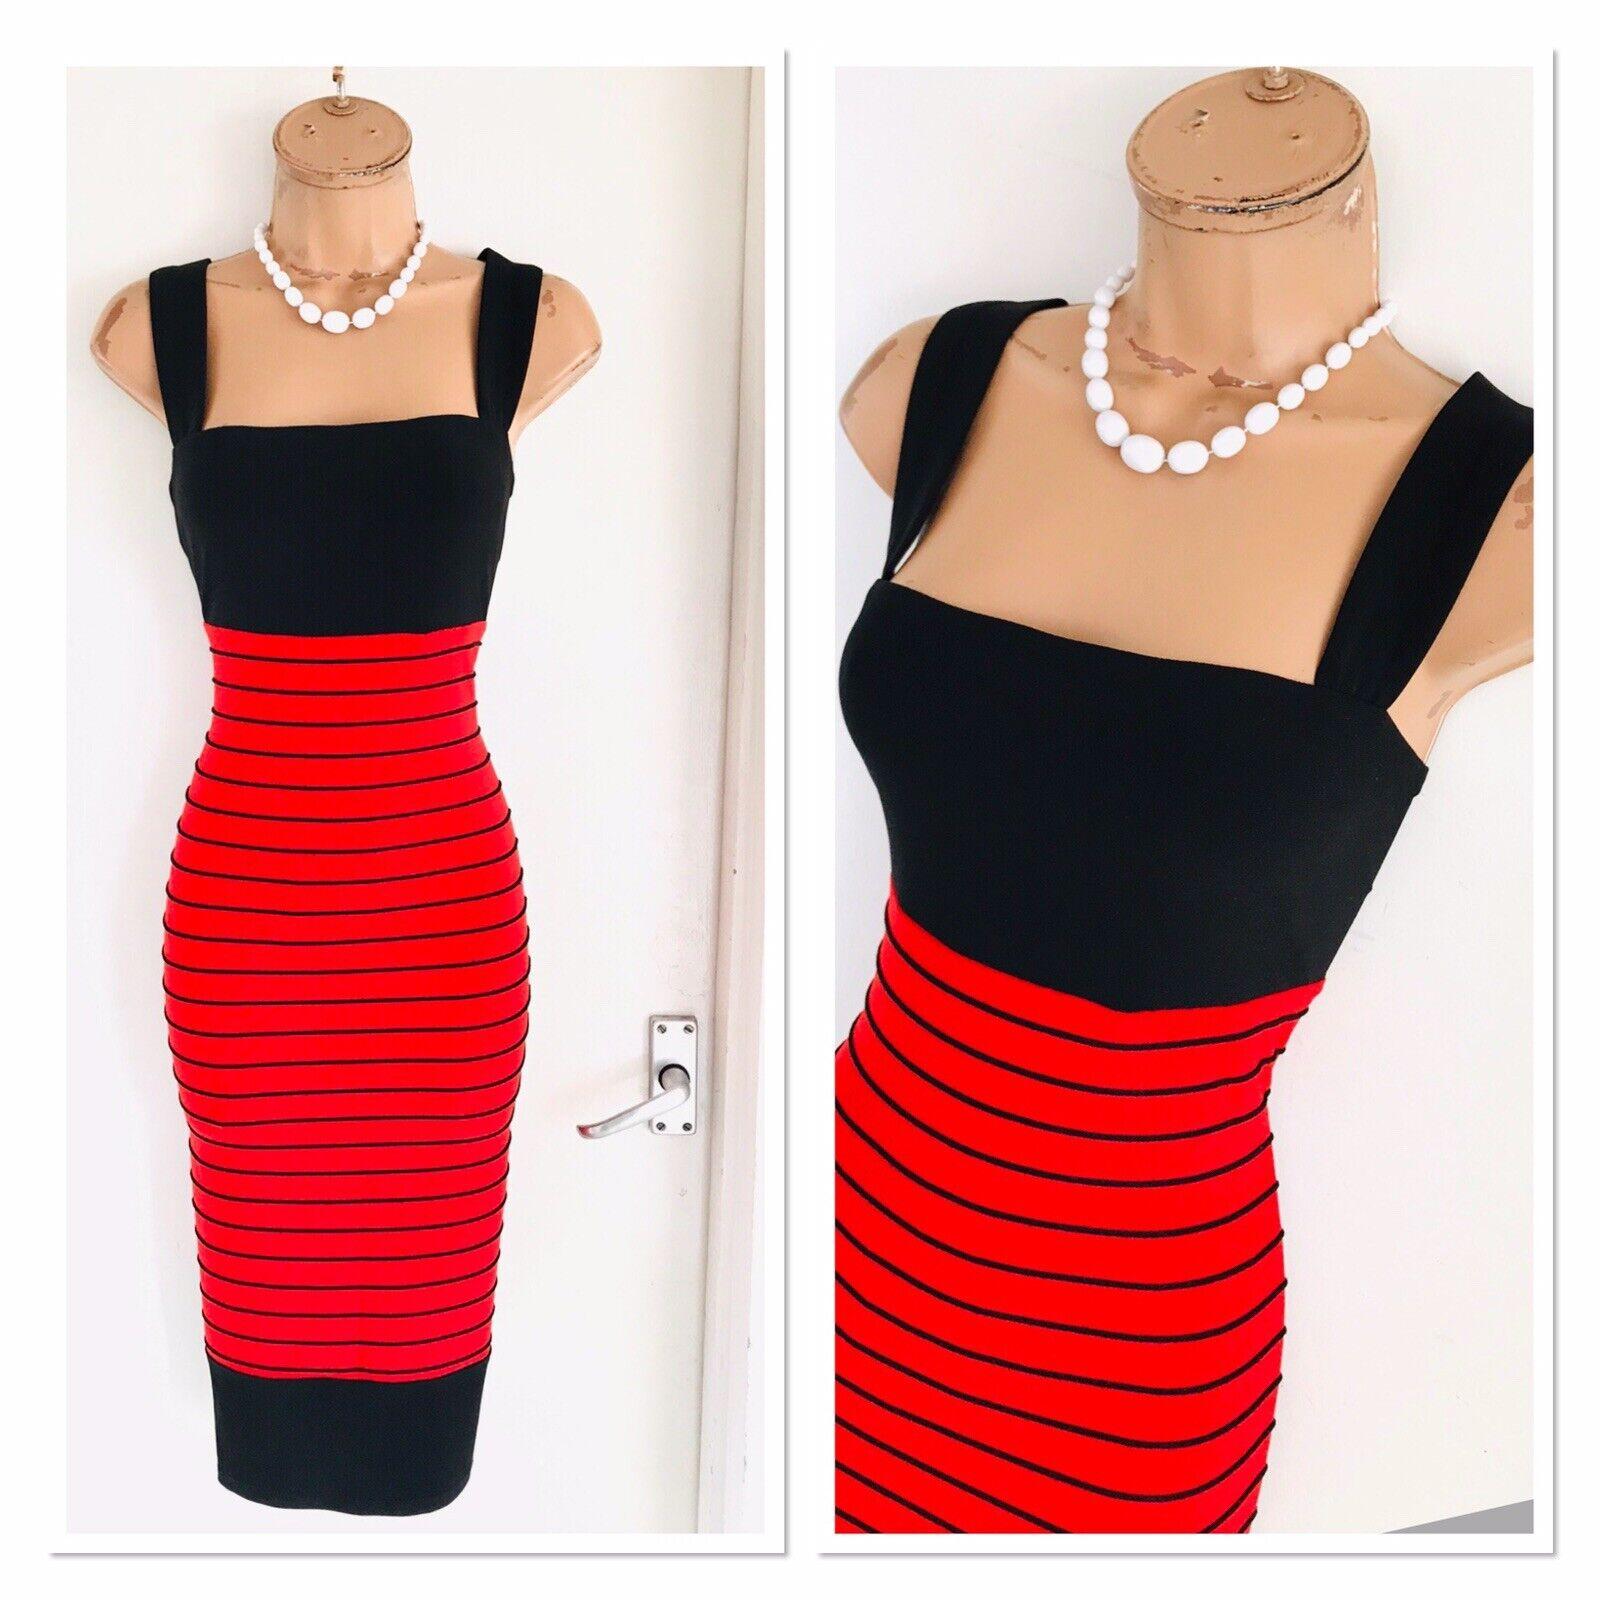 FRANK LYMAN rot schwarz  Striped  Stretchy Bodycon Dress Uk 12-14